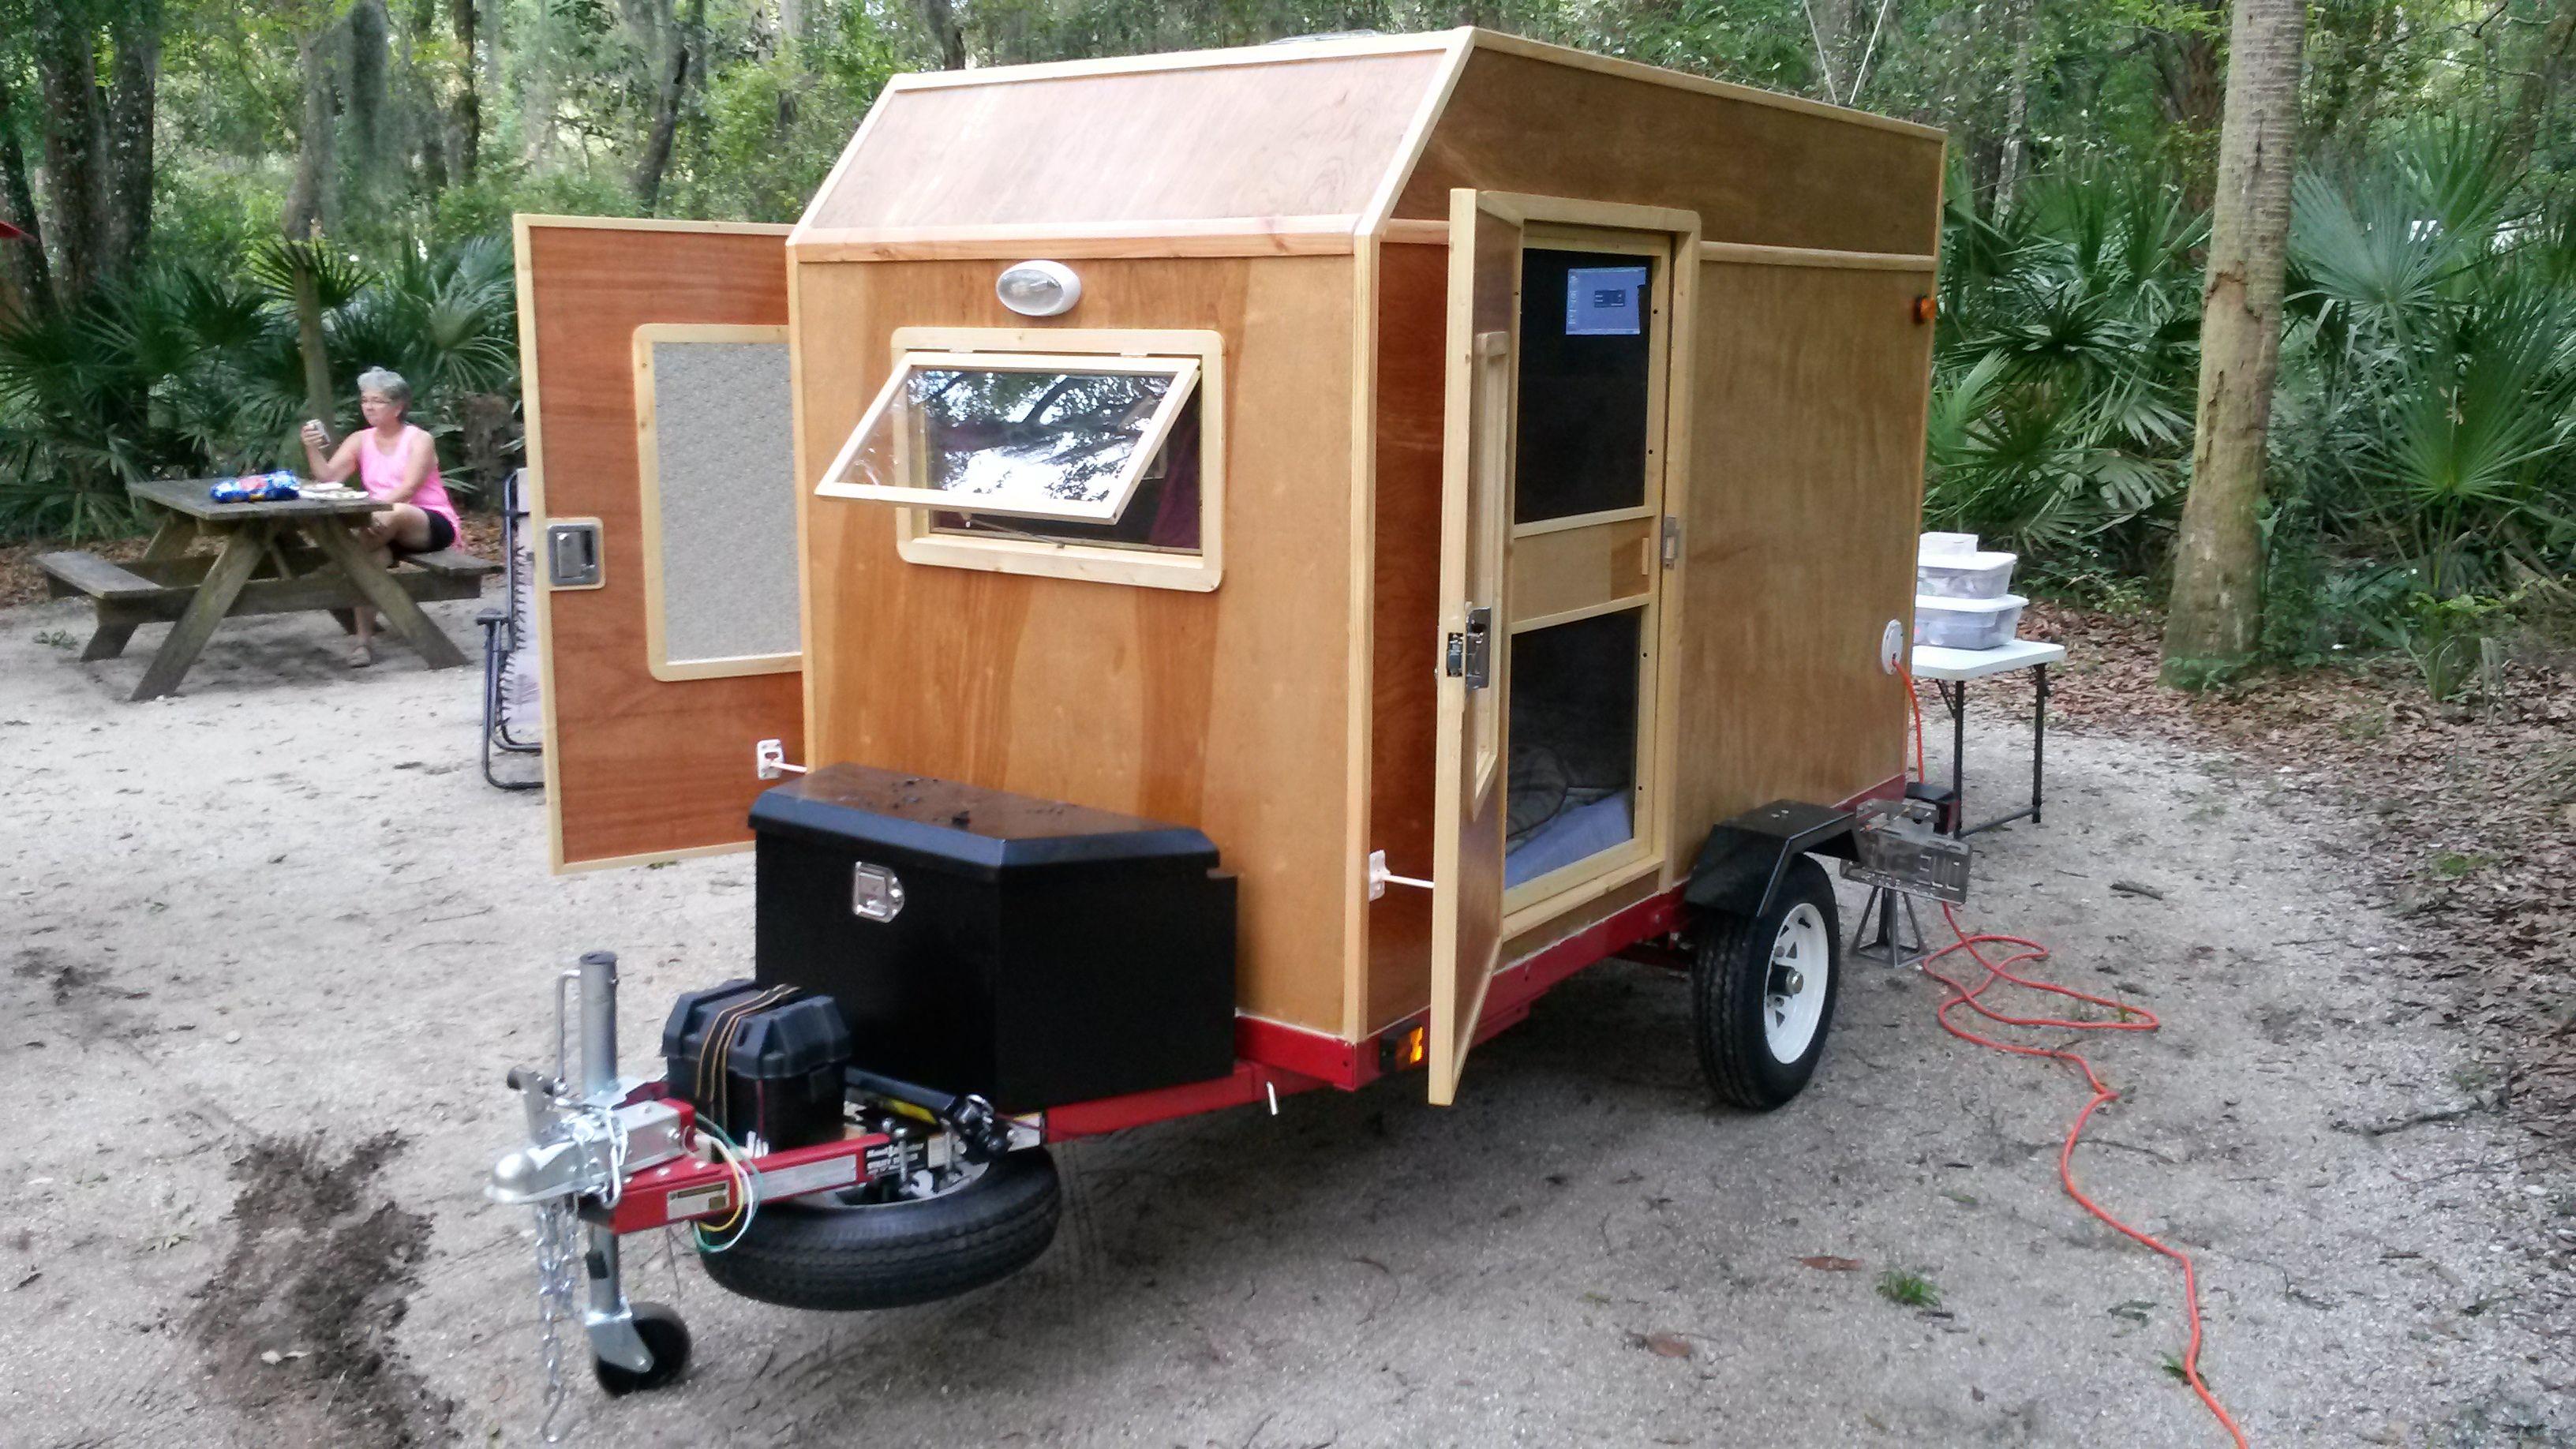 Mini Camper 1 Info Camping Trailer Diy Camper Trailer Mini Camper